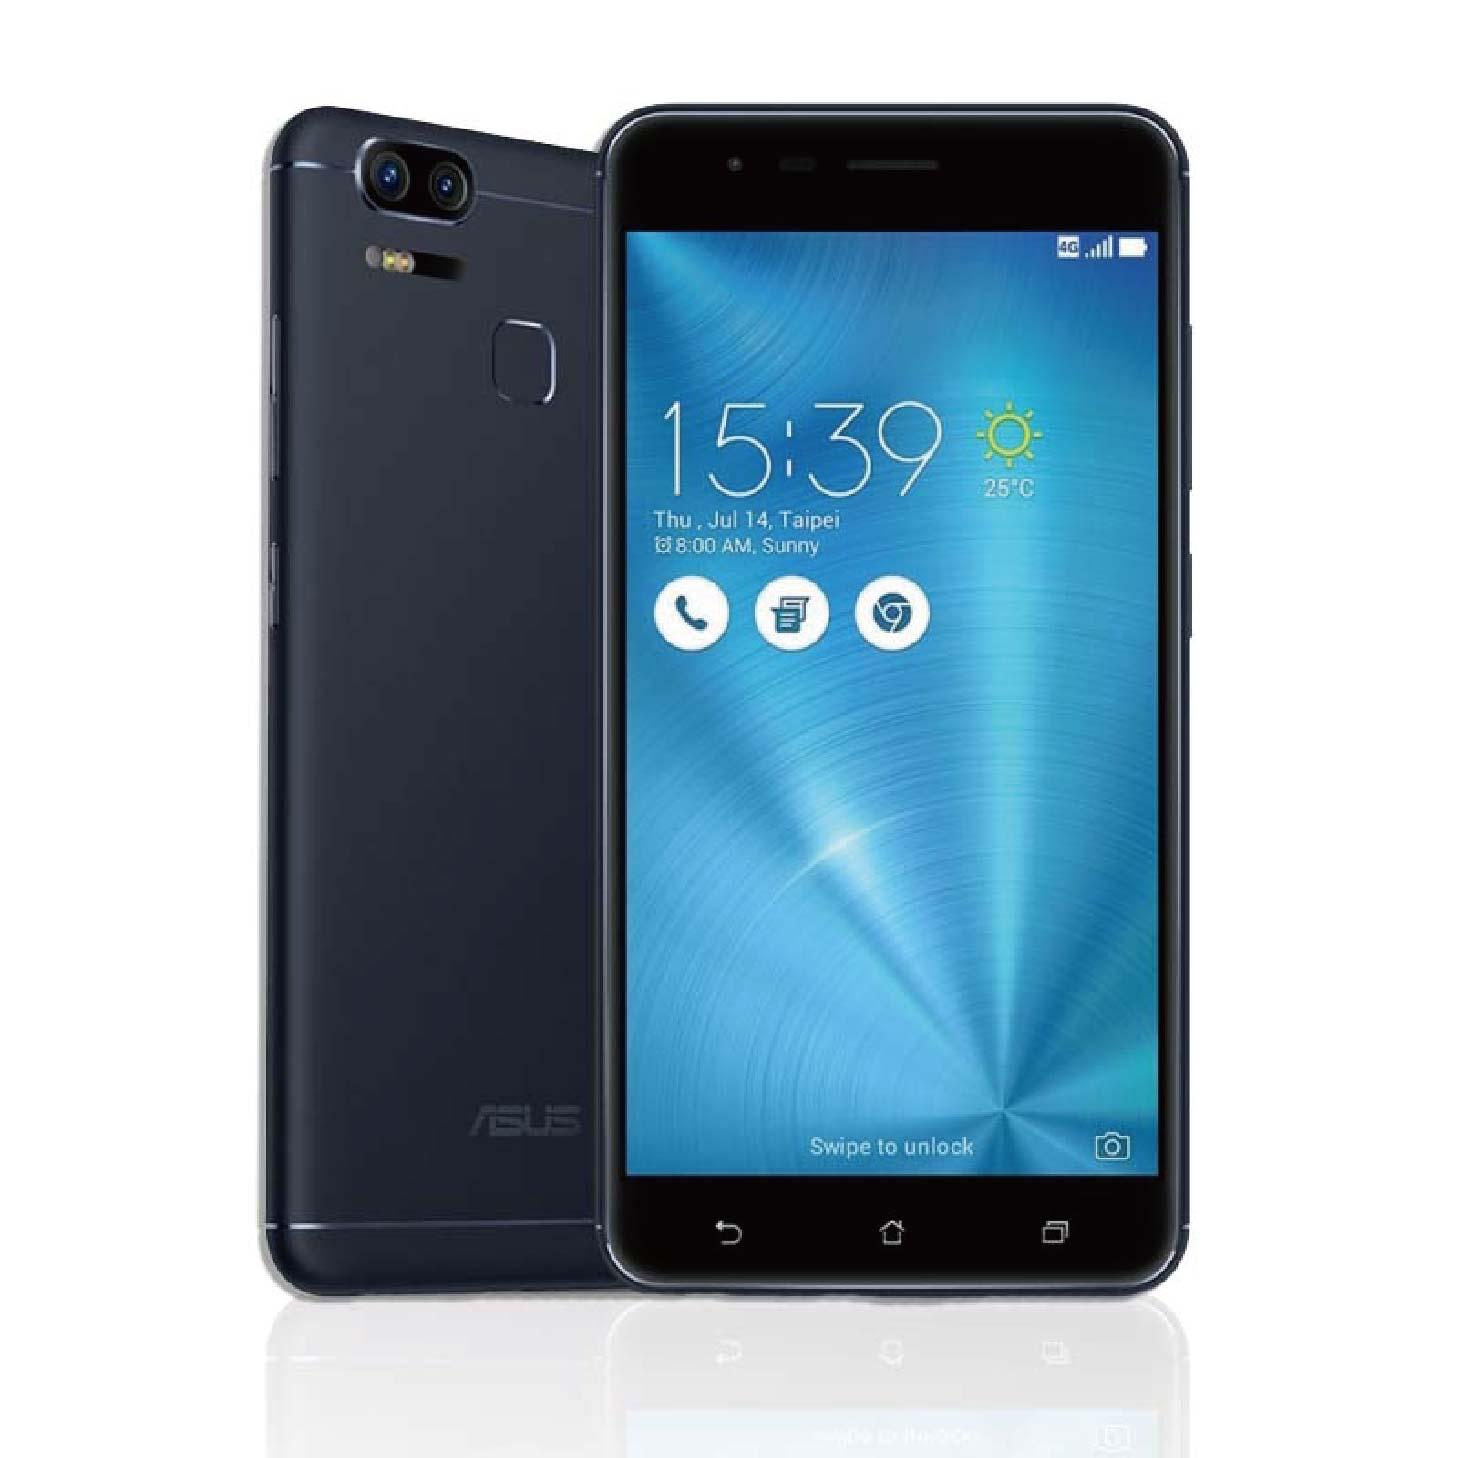 【ASUS】ZenFone 3 Zoom (ZE553KL) 4GB/64GB